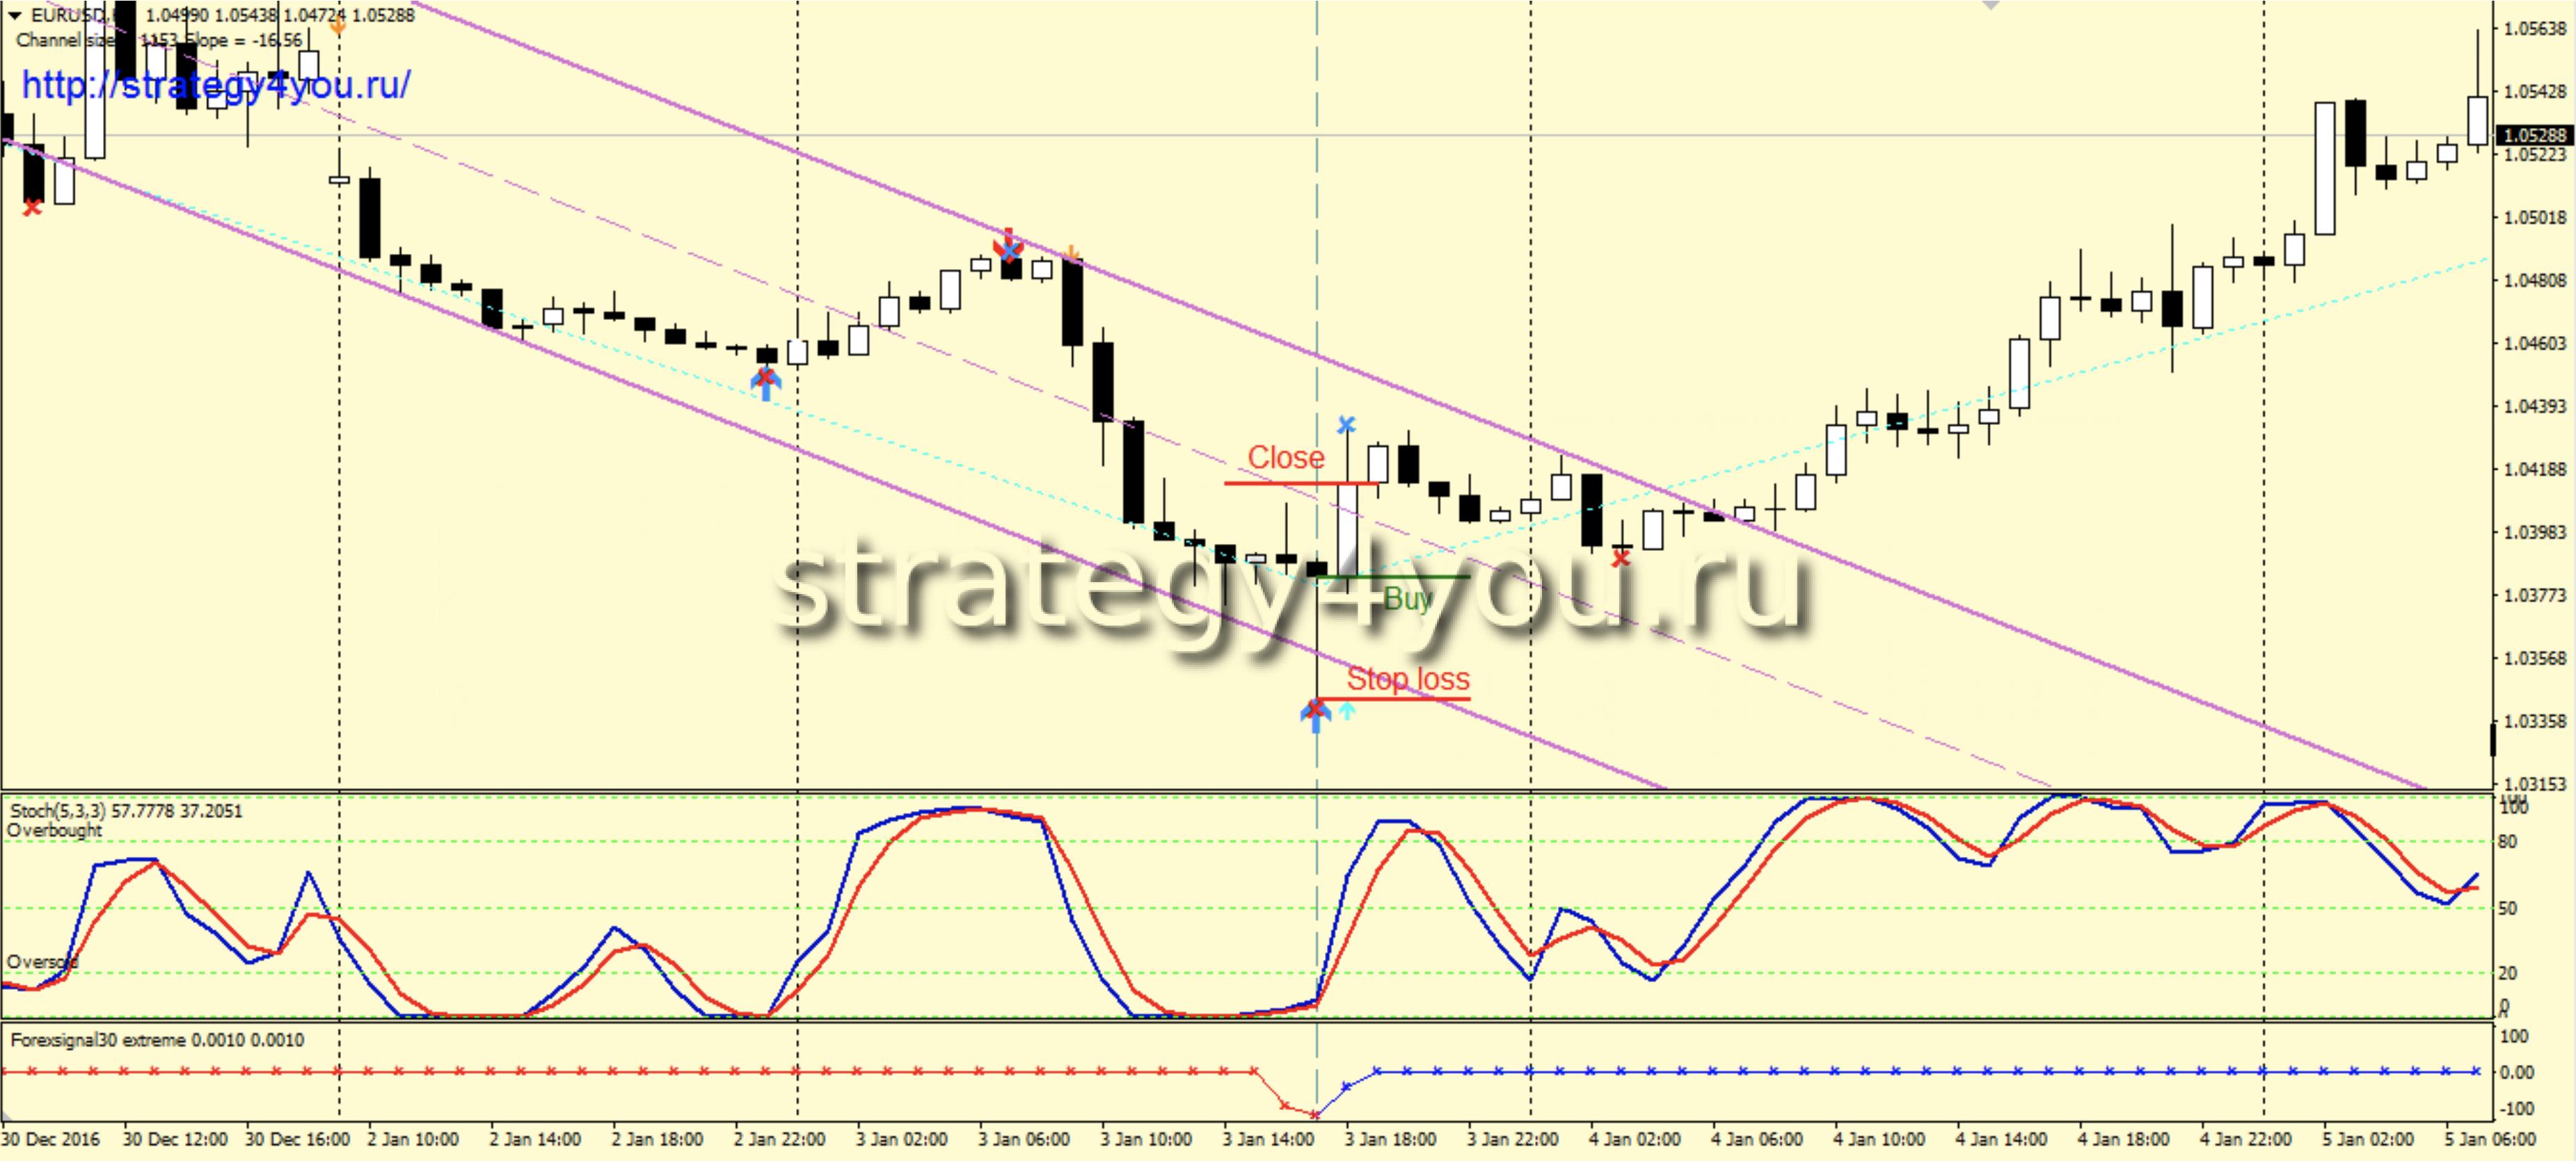 Скачать бесплатно стратегии форекс биткоины в рубли